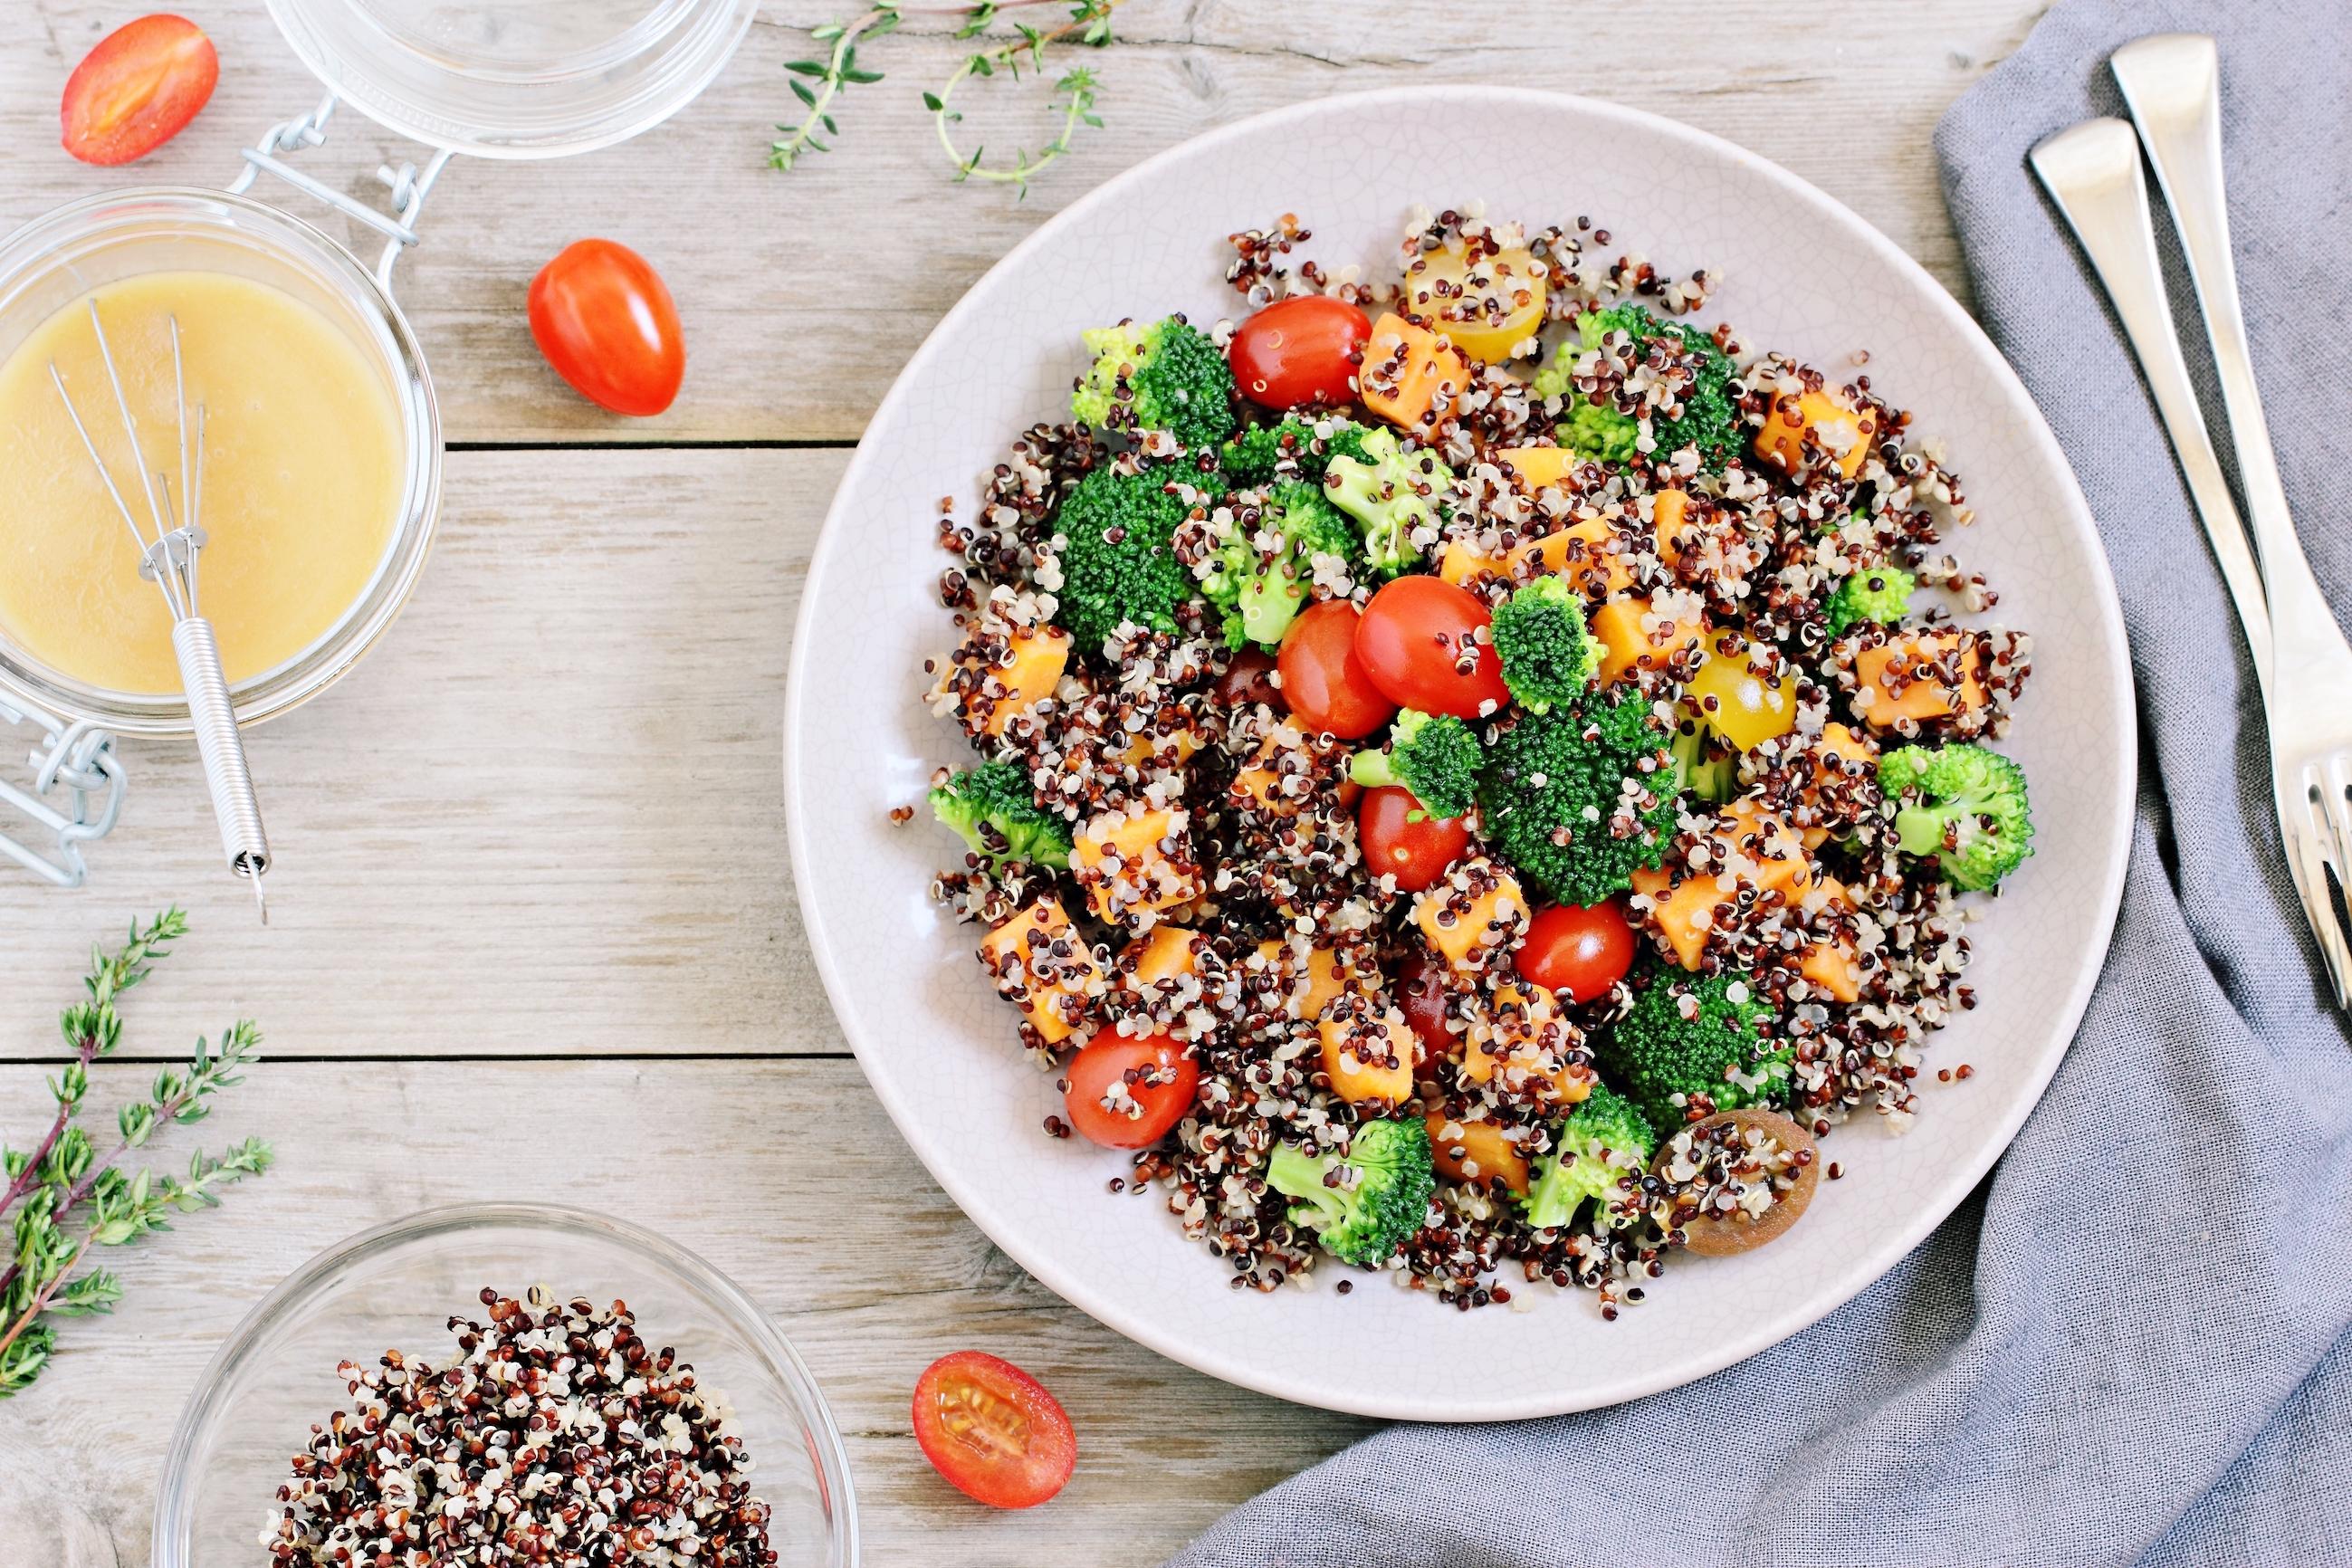 5x granen die nét zo gezond zijn als quinoa